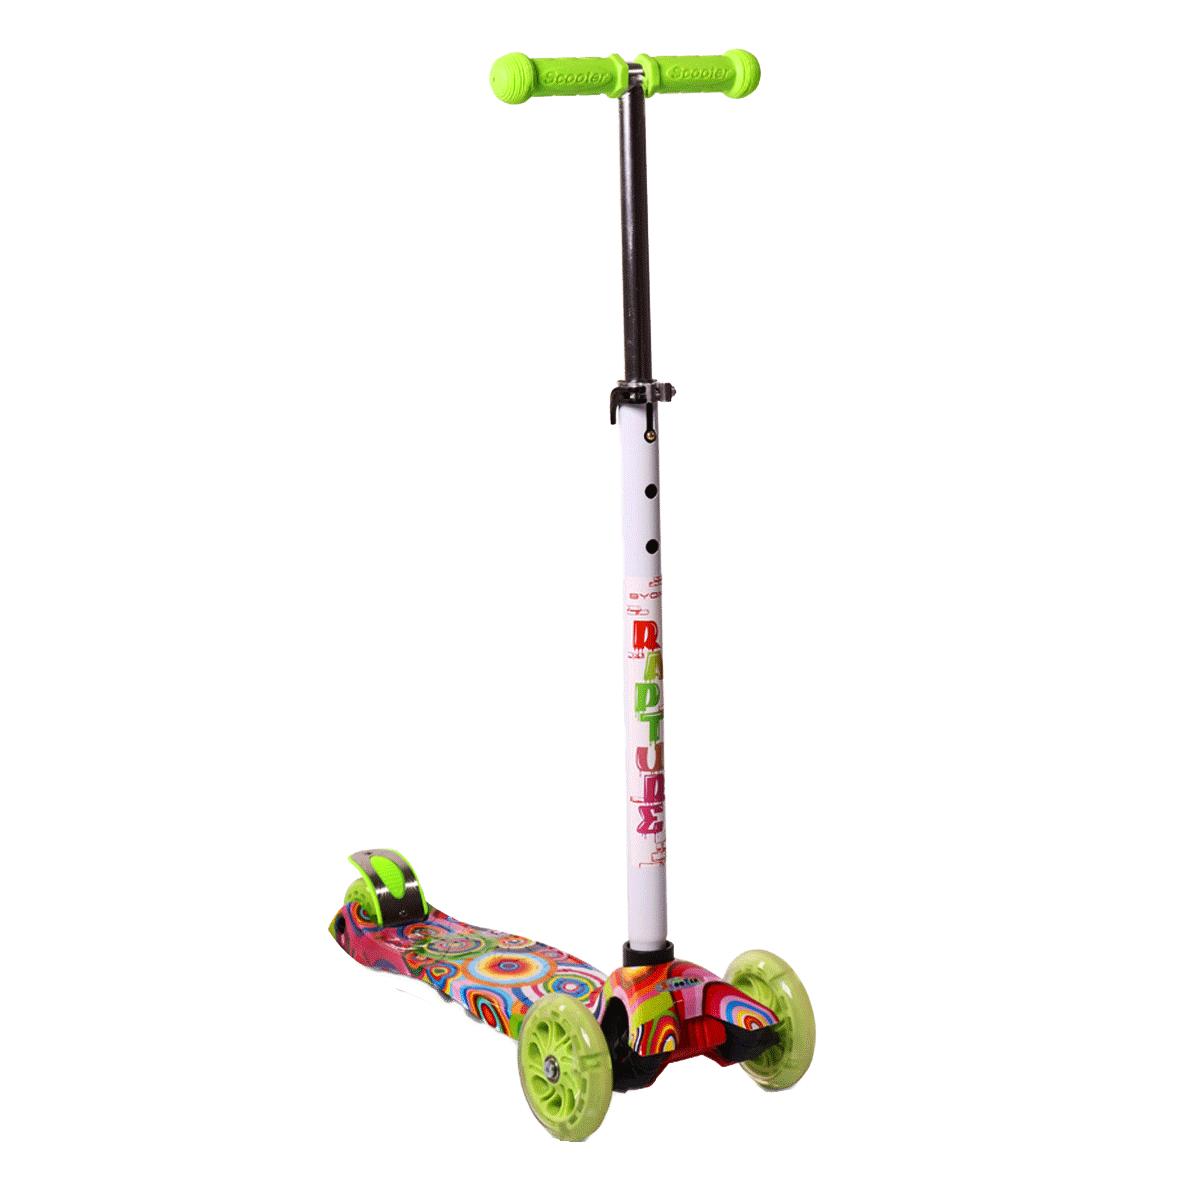 8f0cbac1d19 Многоцветна тротинетка със светещи колела Rapture (зелено Дъга) –  JoyKidsbg.com